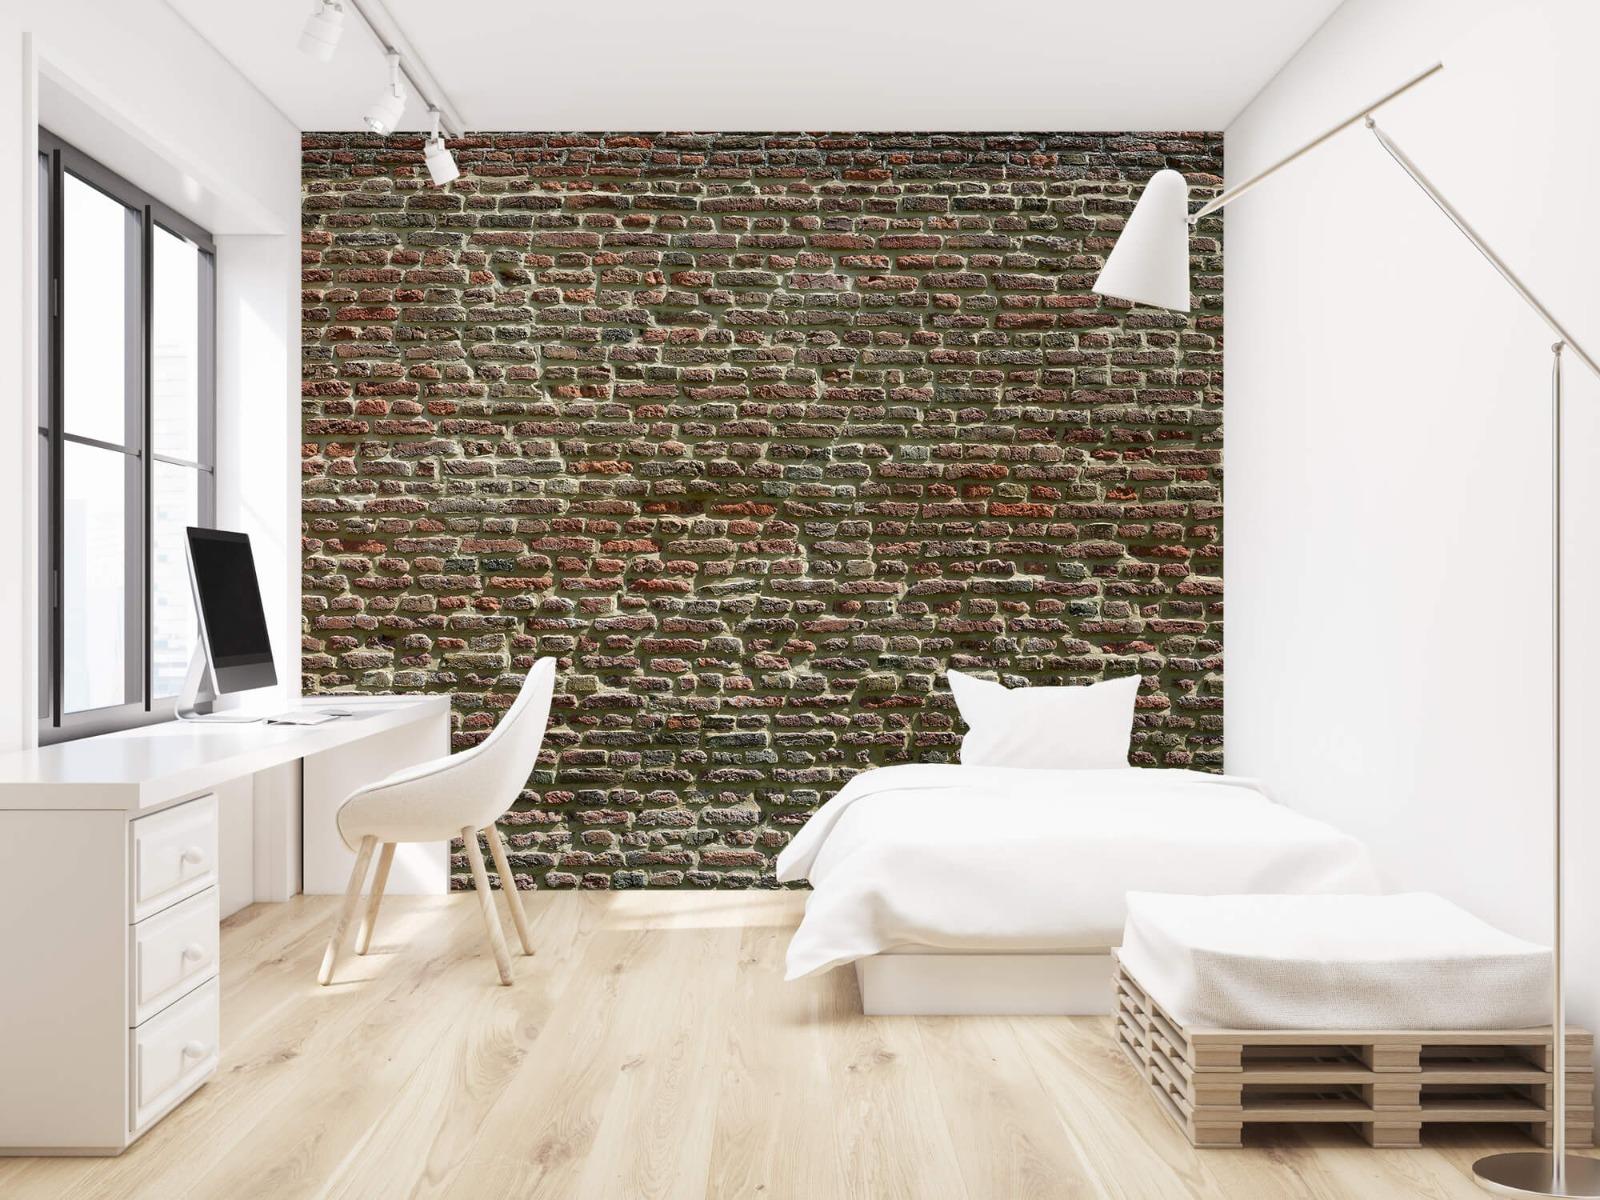 Stenen - Muur van oude bakstenen 23